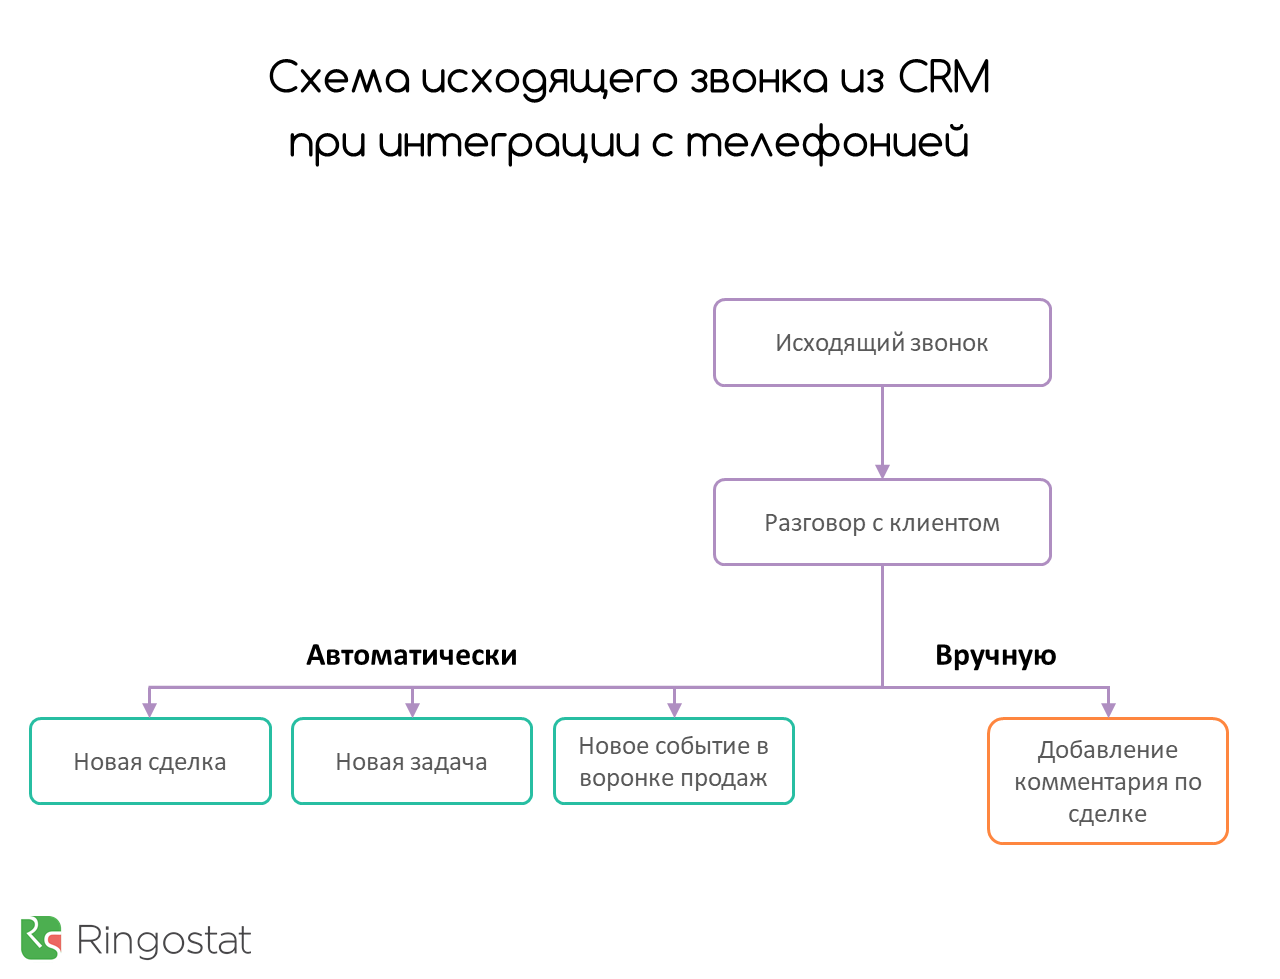 Как работает интеграция CRM и телефонии